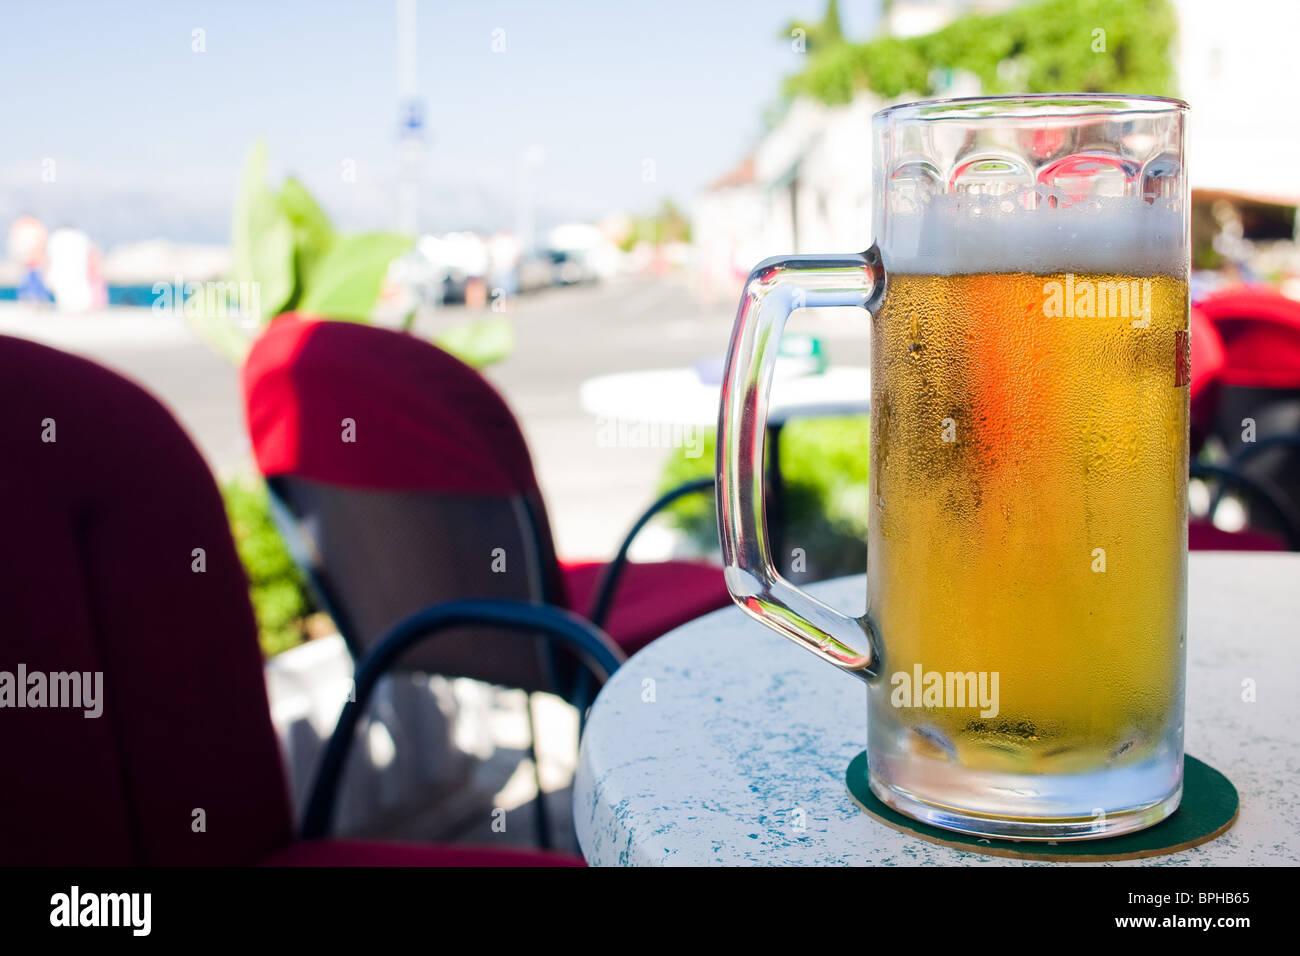 Boccale di birra sul tavolo Immagini Stock